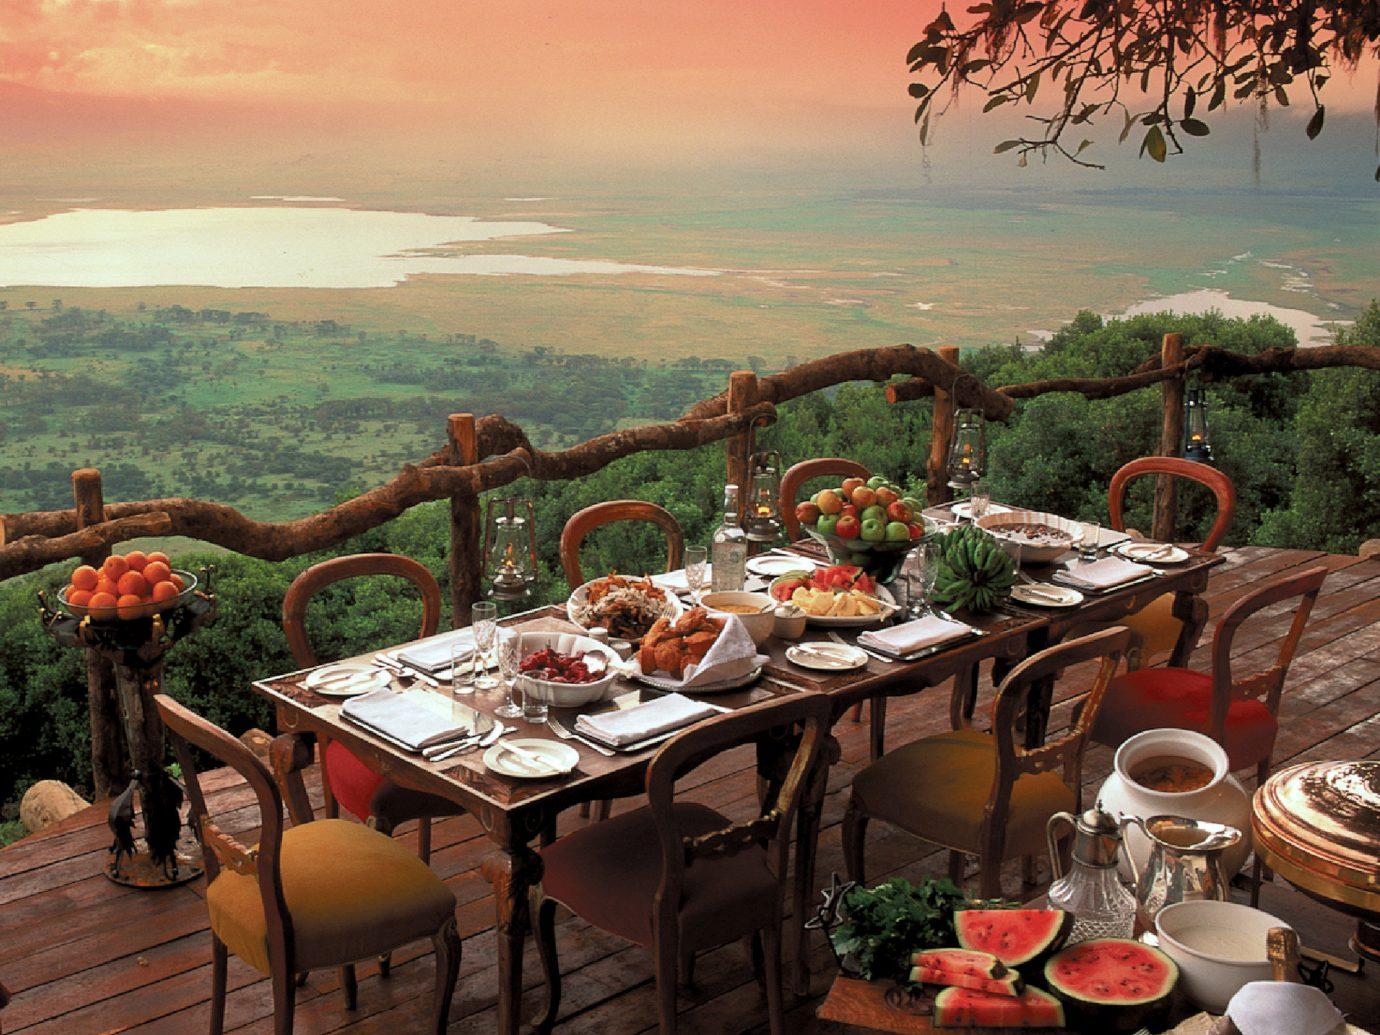 Food + Drink sky outdoor flower evening meal overlooking restaurant set